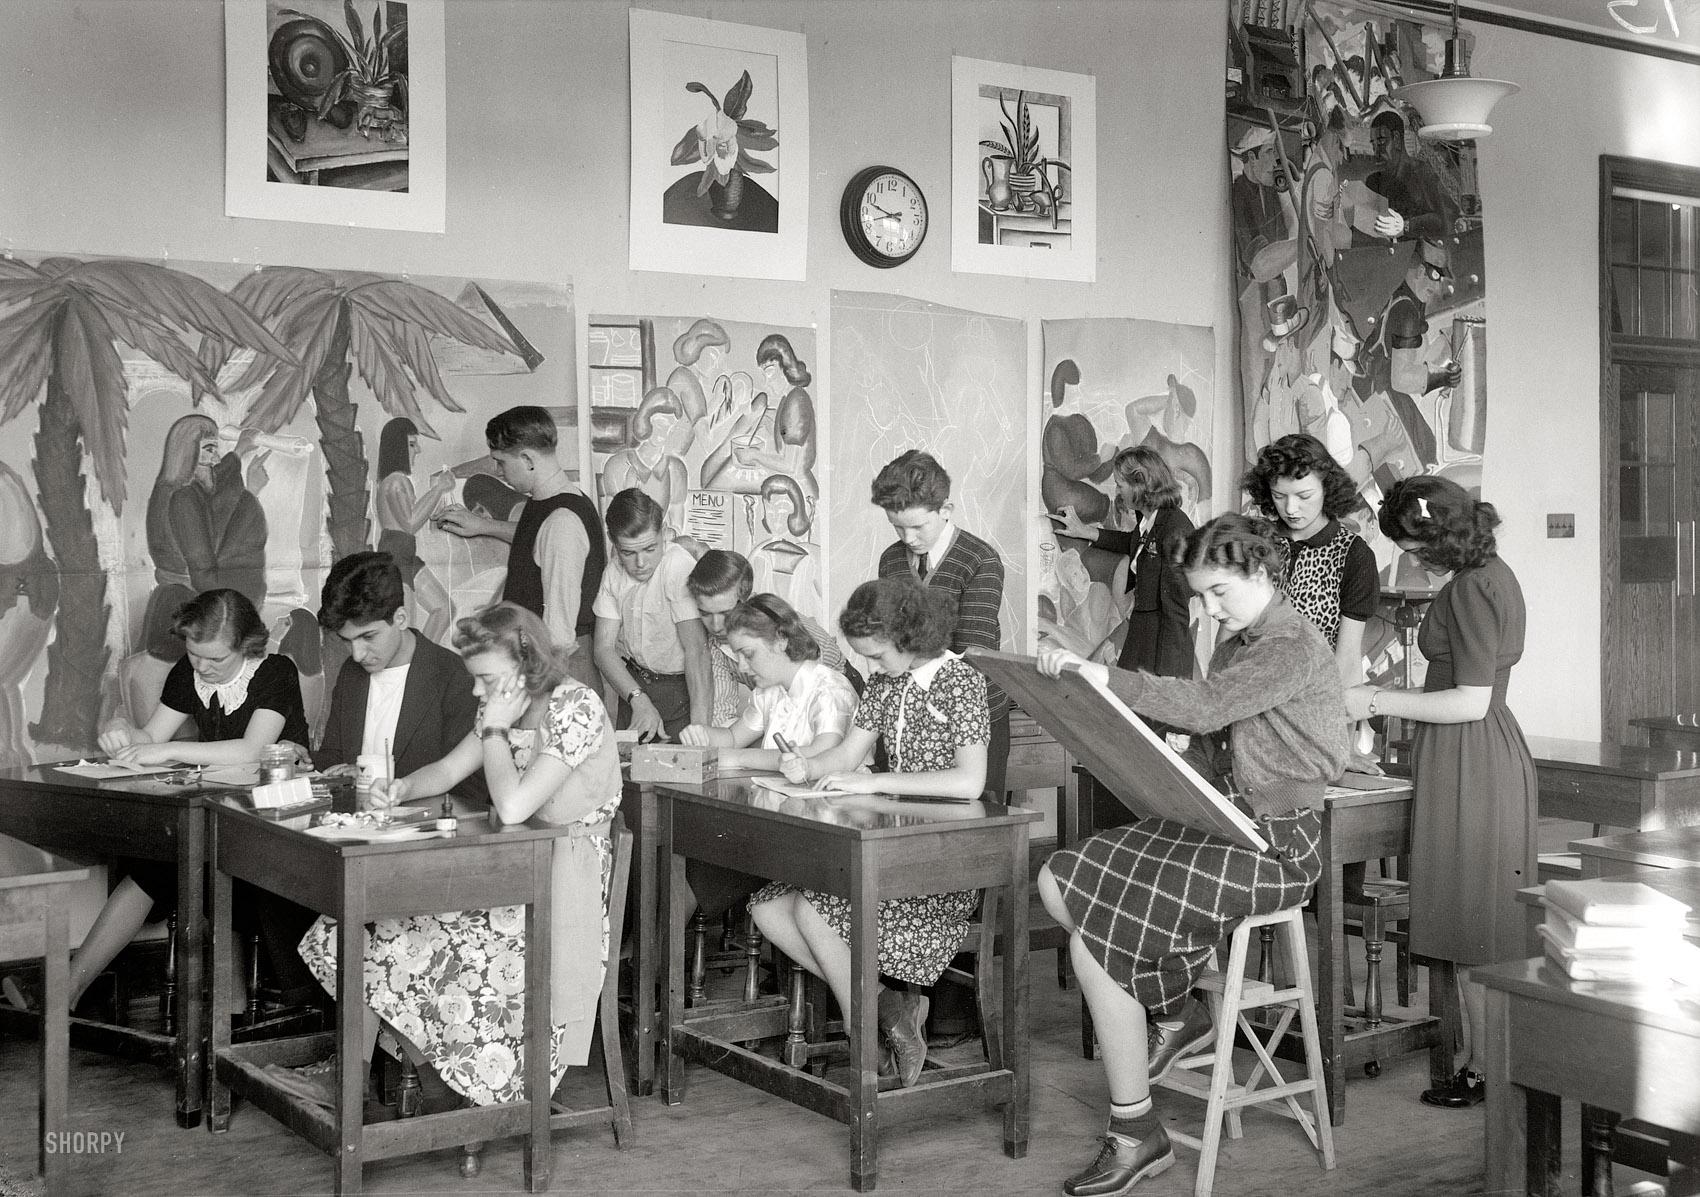 1940sschool.jpg